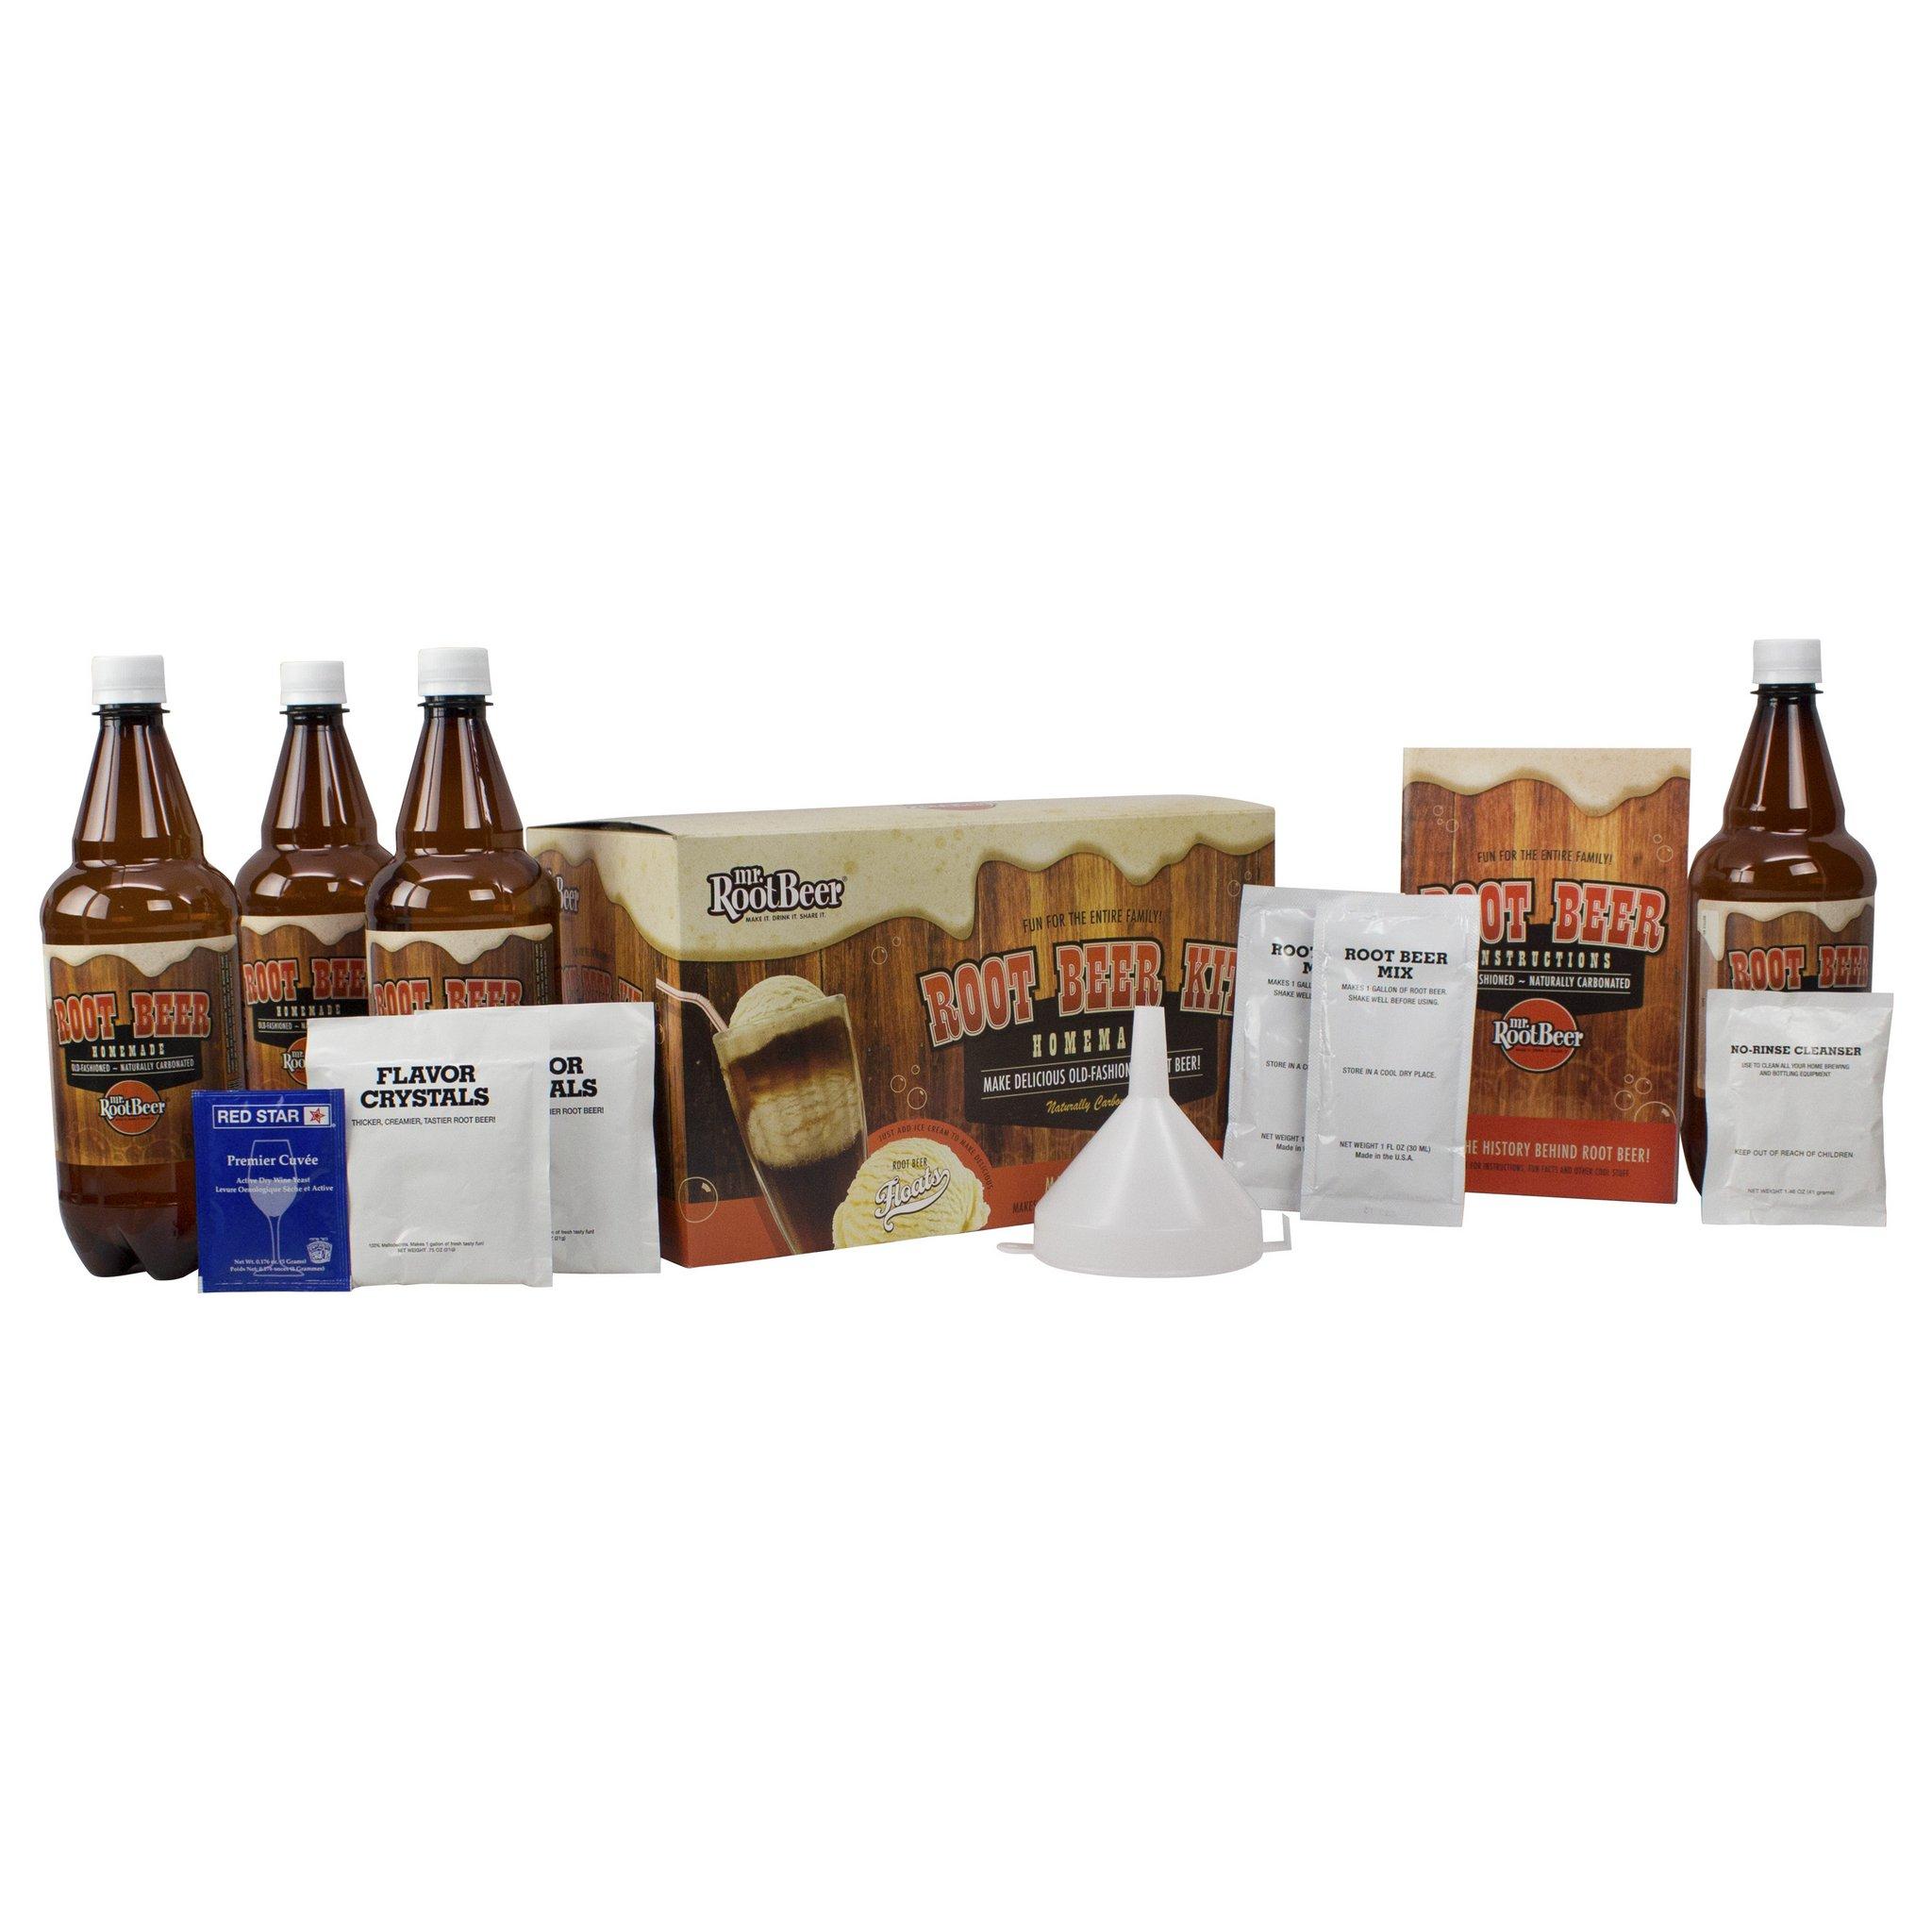 Mr. Root Beer Home Brewing Root Beer Kit by Mr. Root Beer